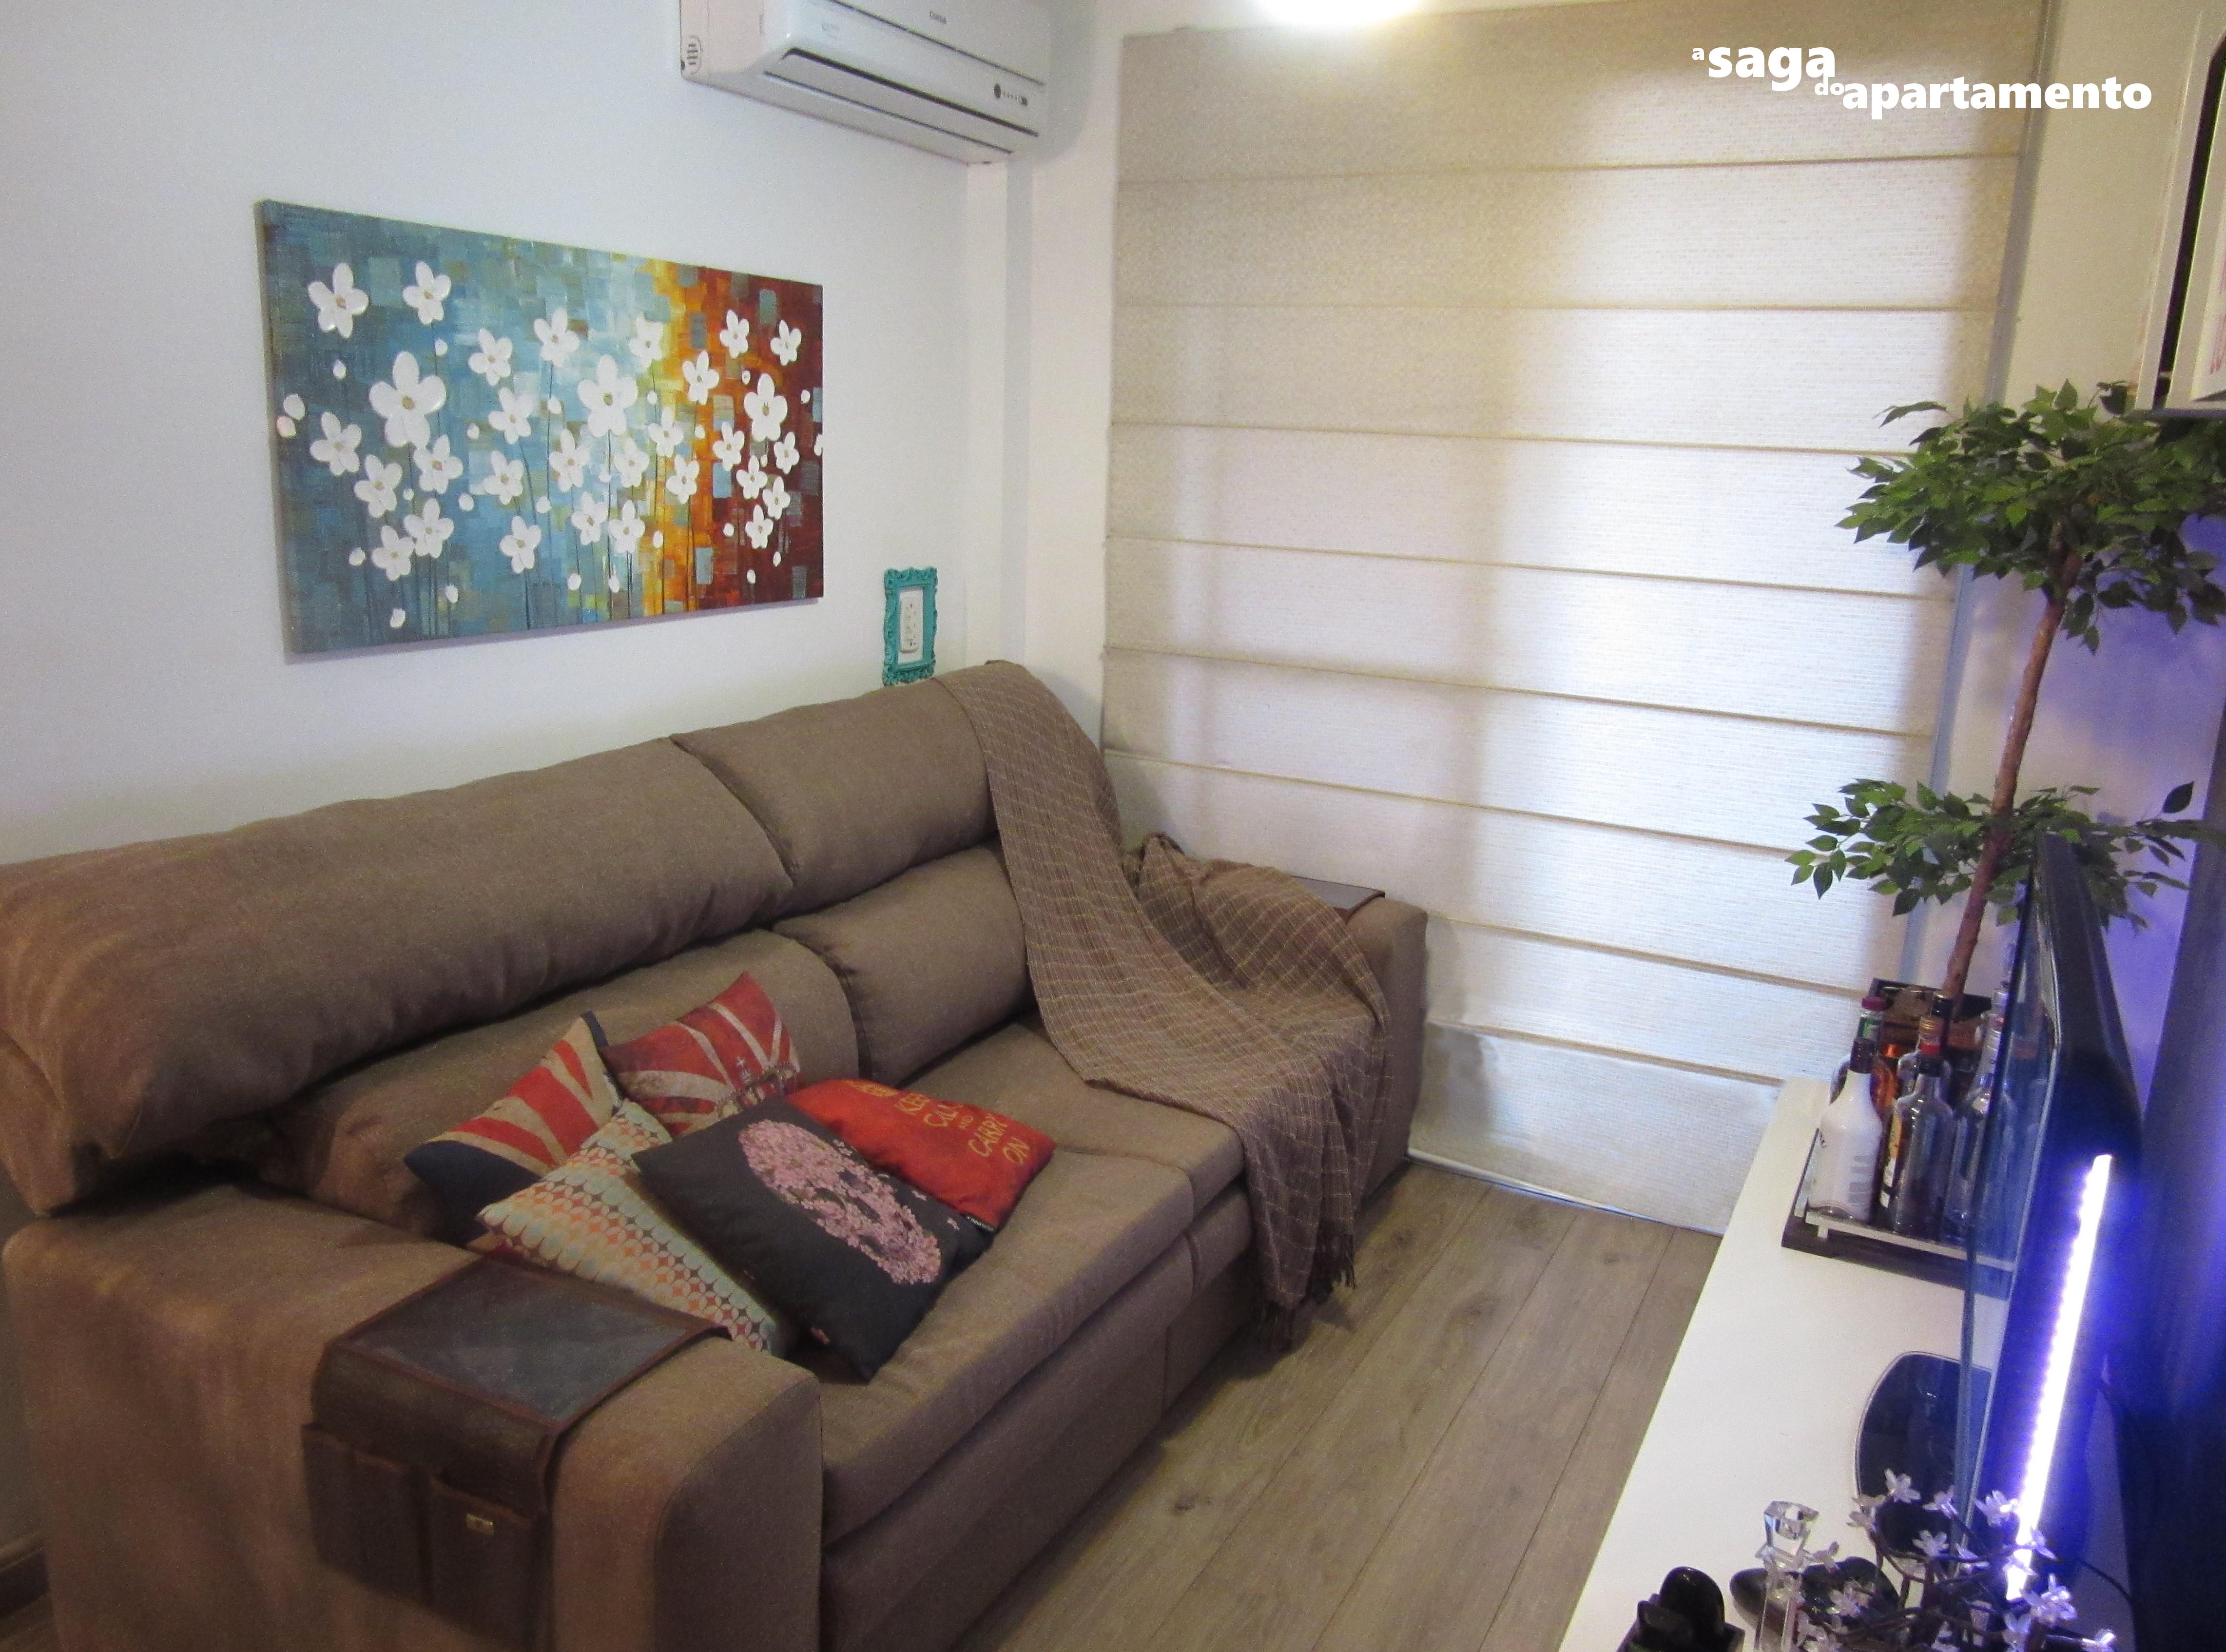 Linho Sof A Saga Do Apartamento -> Sala Cinza Com Sofa Marrom